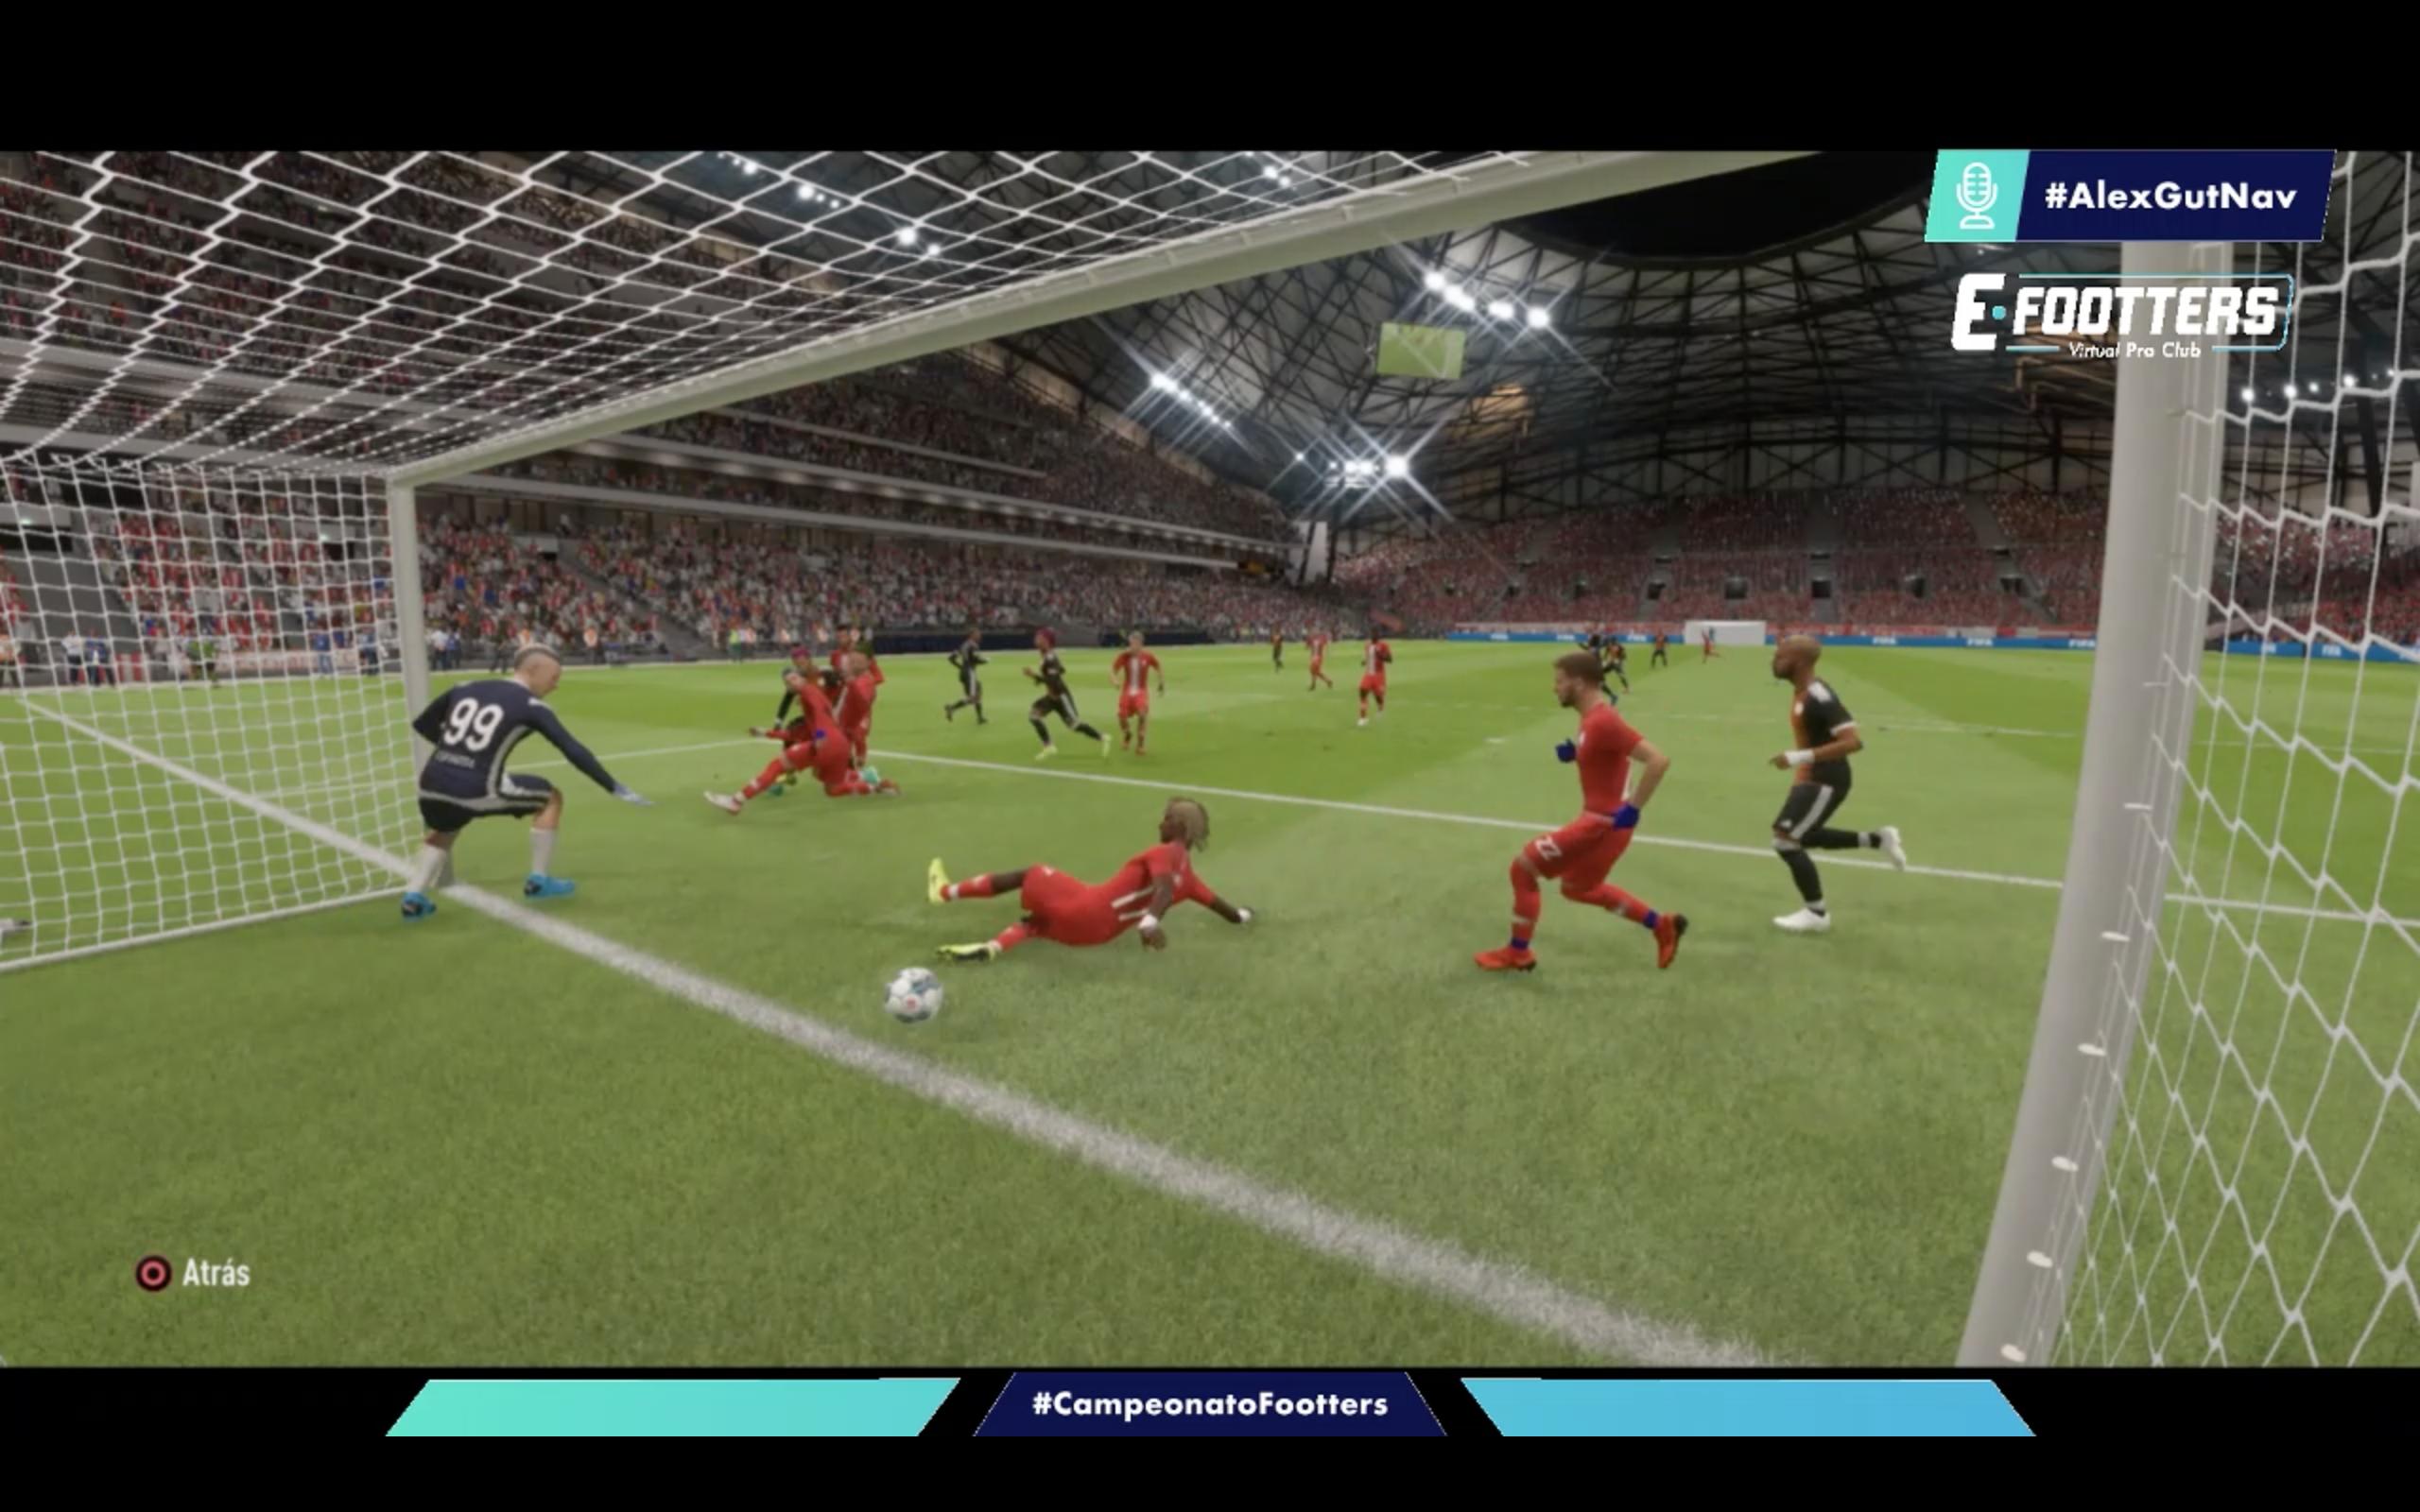 San Fernando 0-2 x6tence y Talavera 0-1 Sporting, partidos de la jornada 9